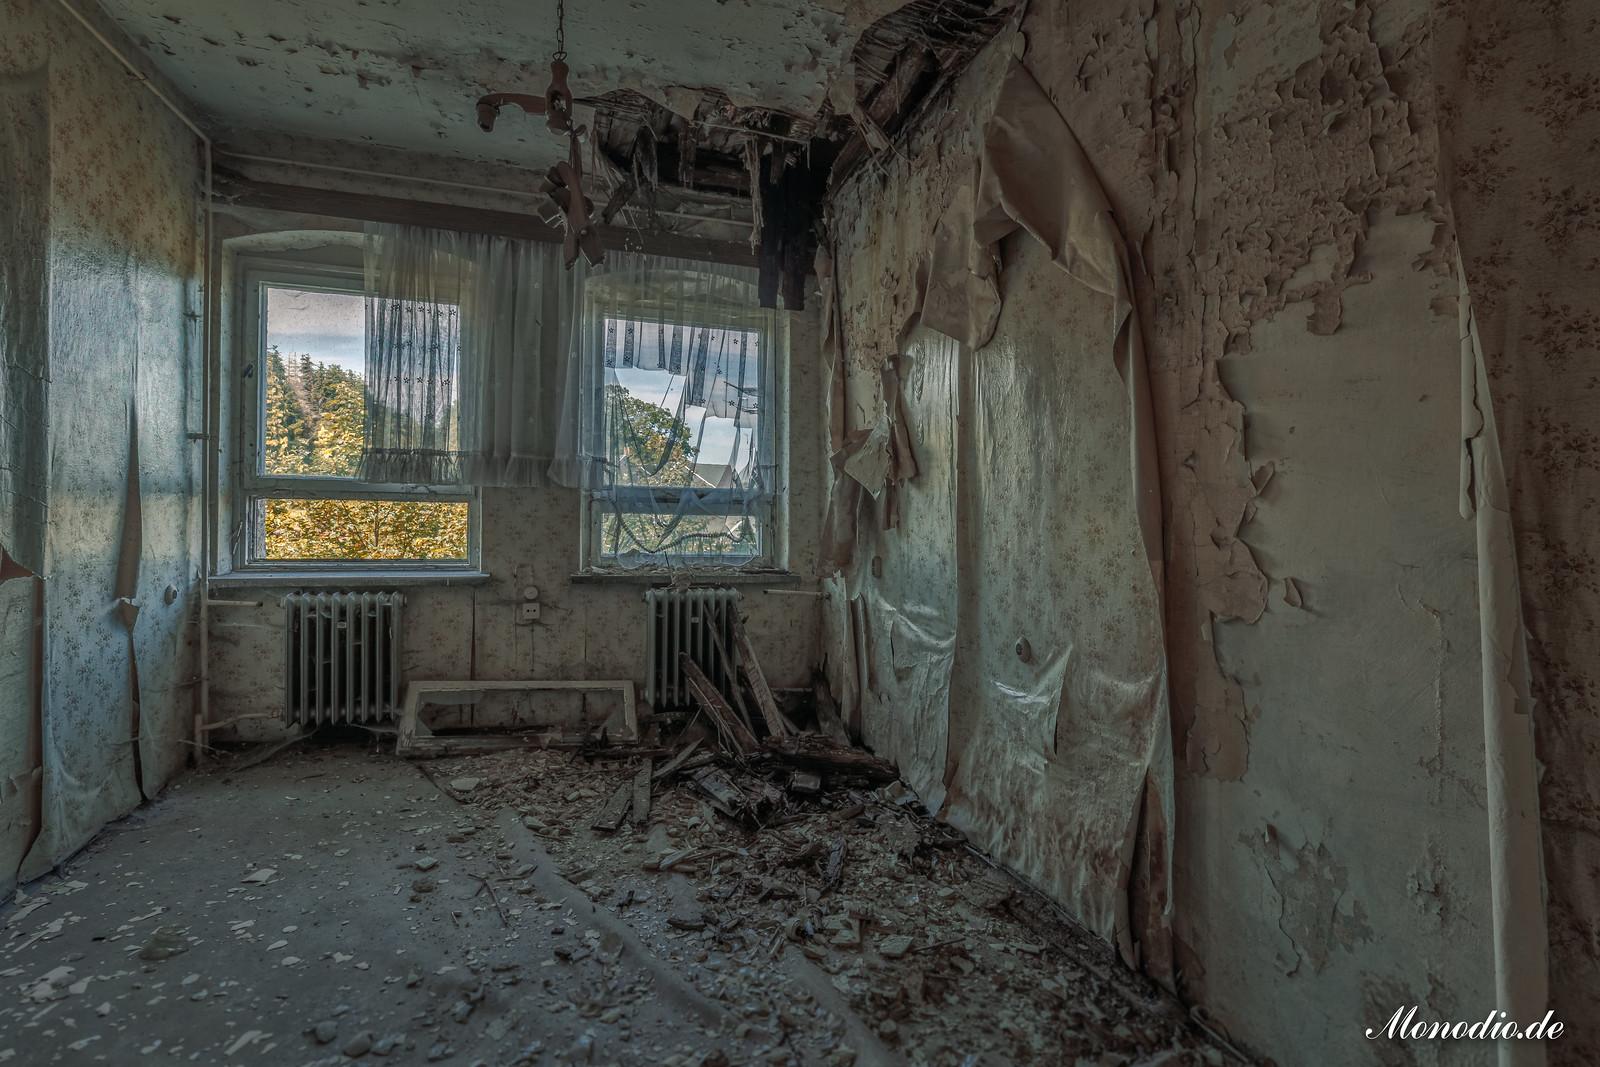 Altenpflegeheim mit Ostalgie